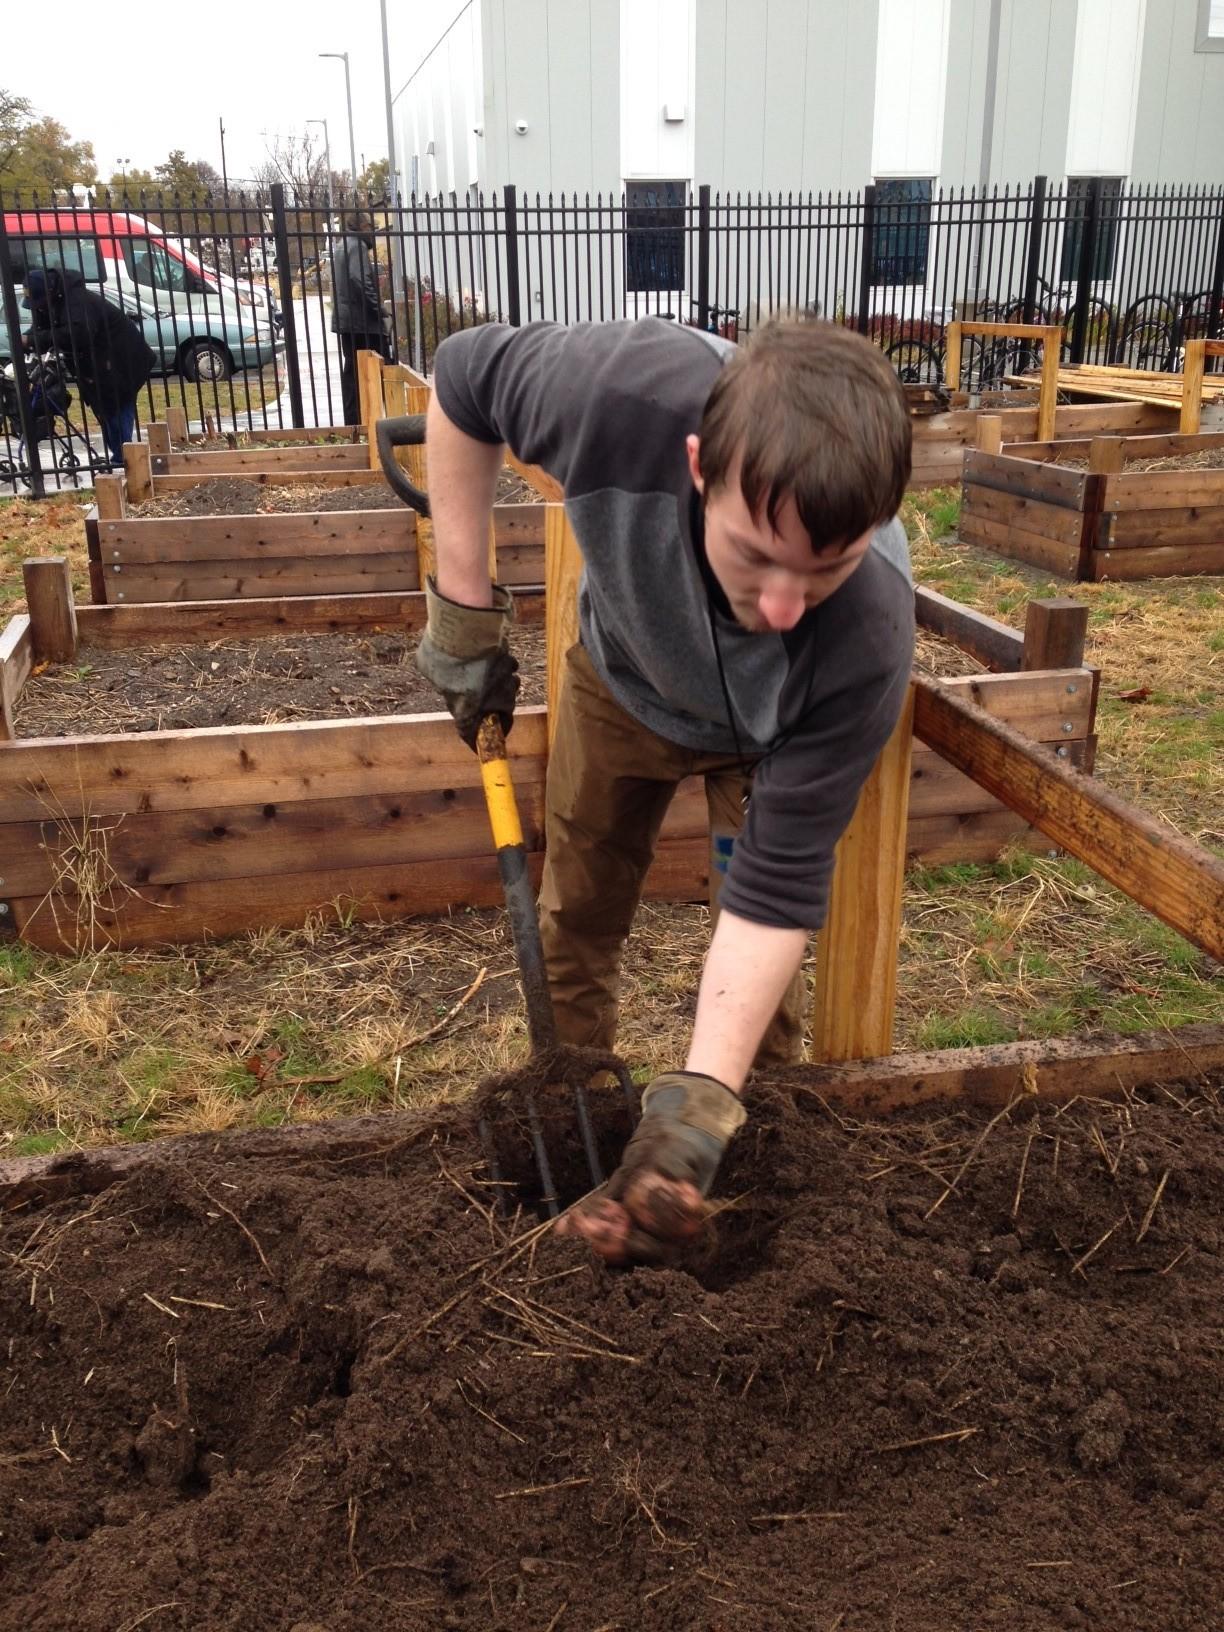 johnny digging potatoes.jpg